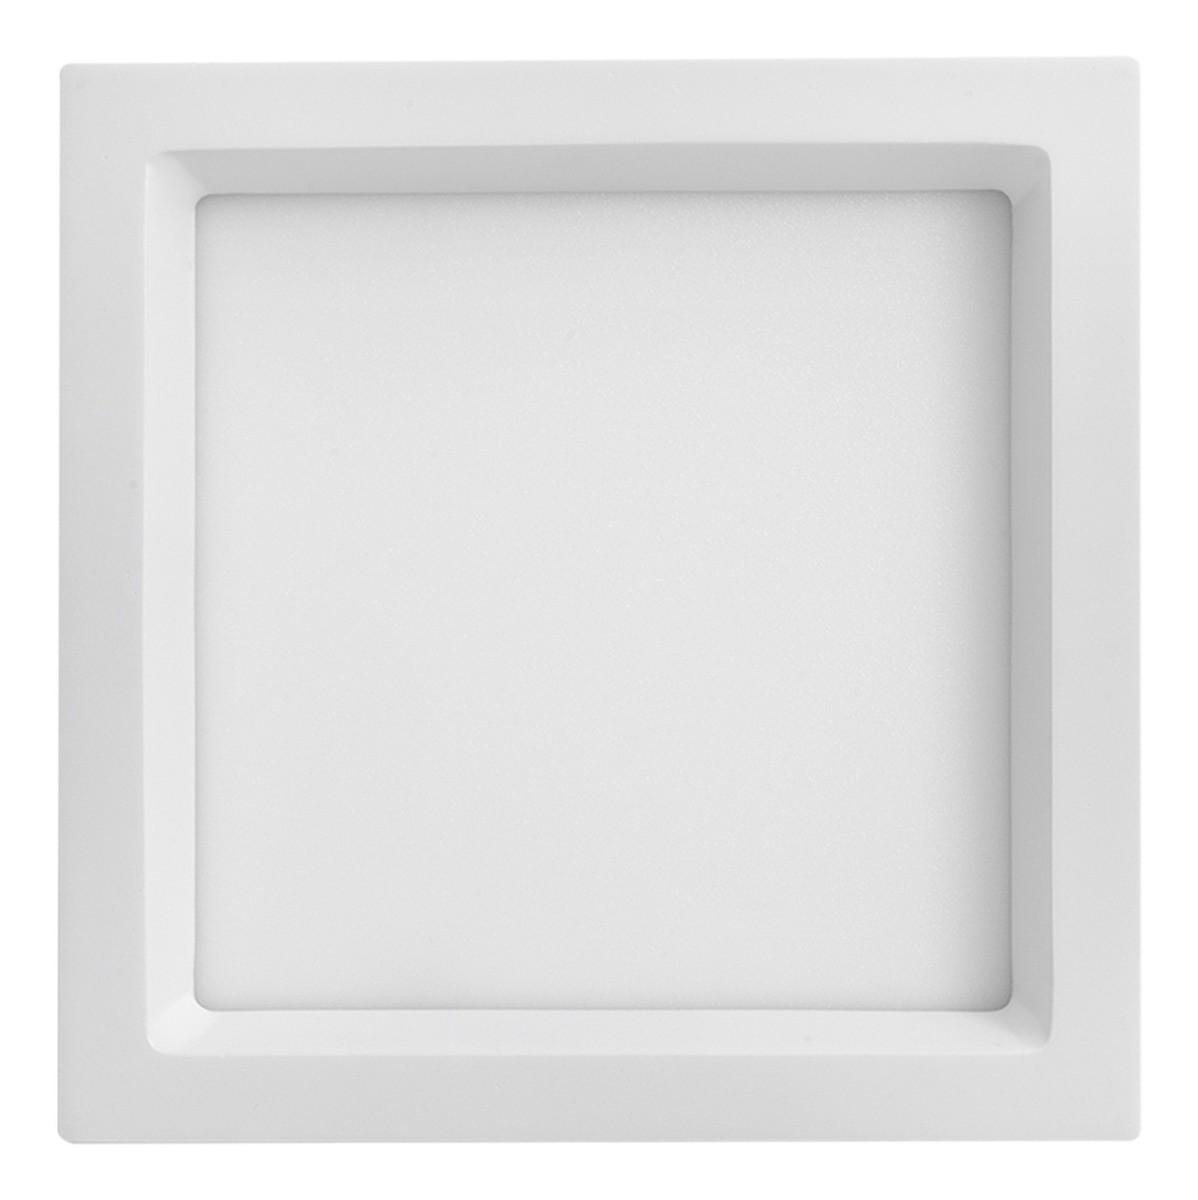 Painel Led Embutir Recuado 18w Quadrado 6500k Branco